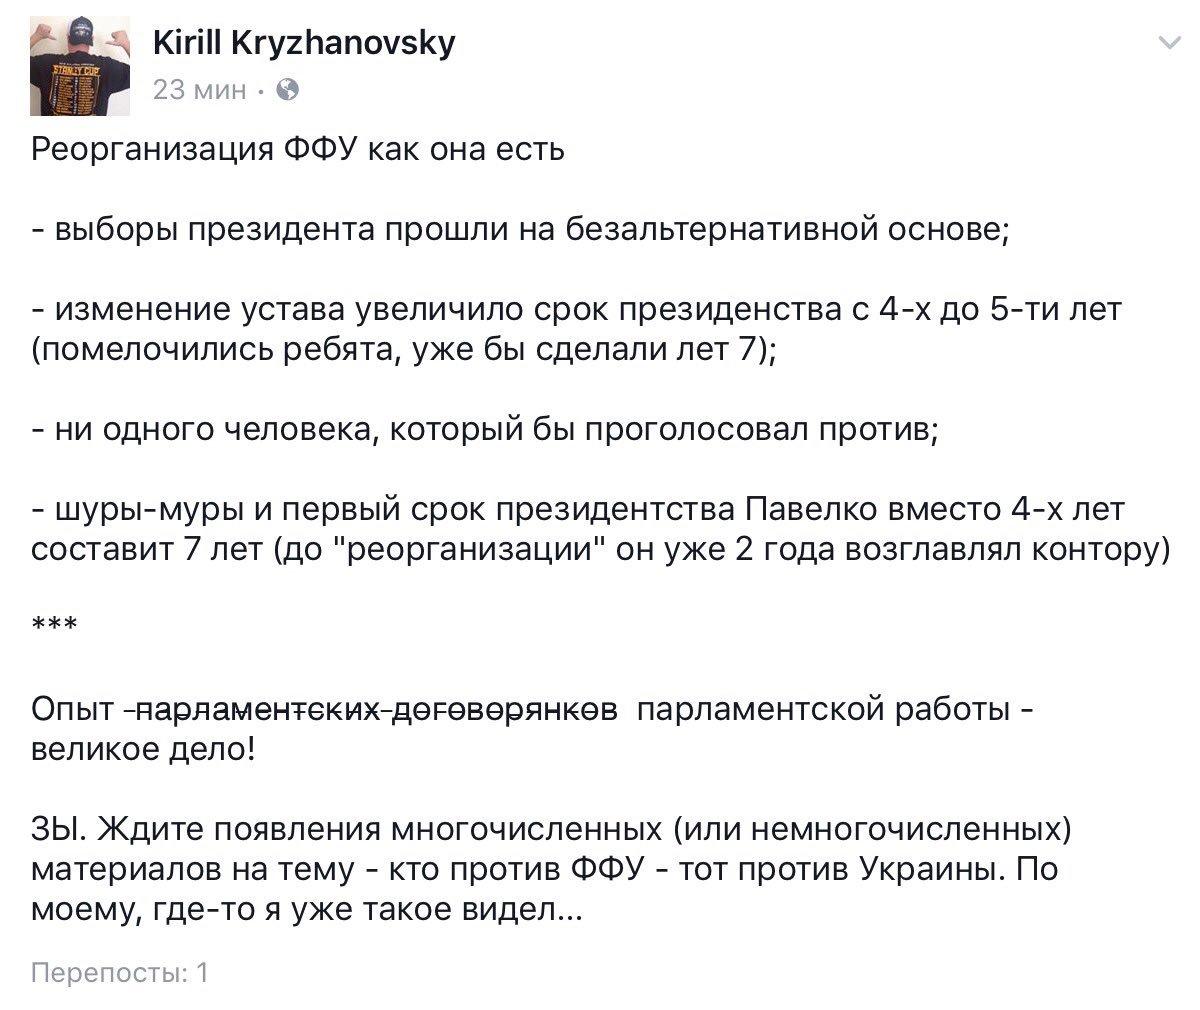 Российский тренер Газзаев успел согласиться с Путиным до того, как тот высказал свое мнение - Цензор.НЕТ 1755